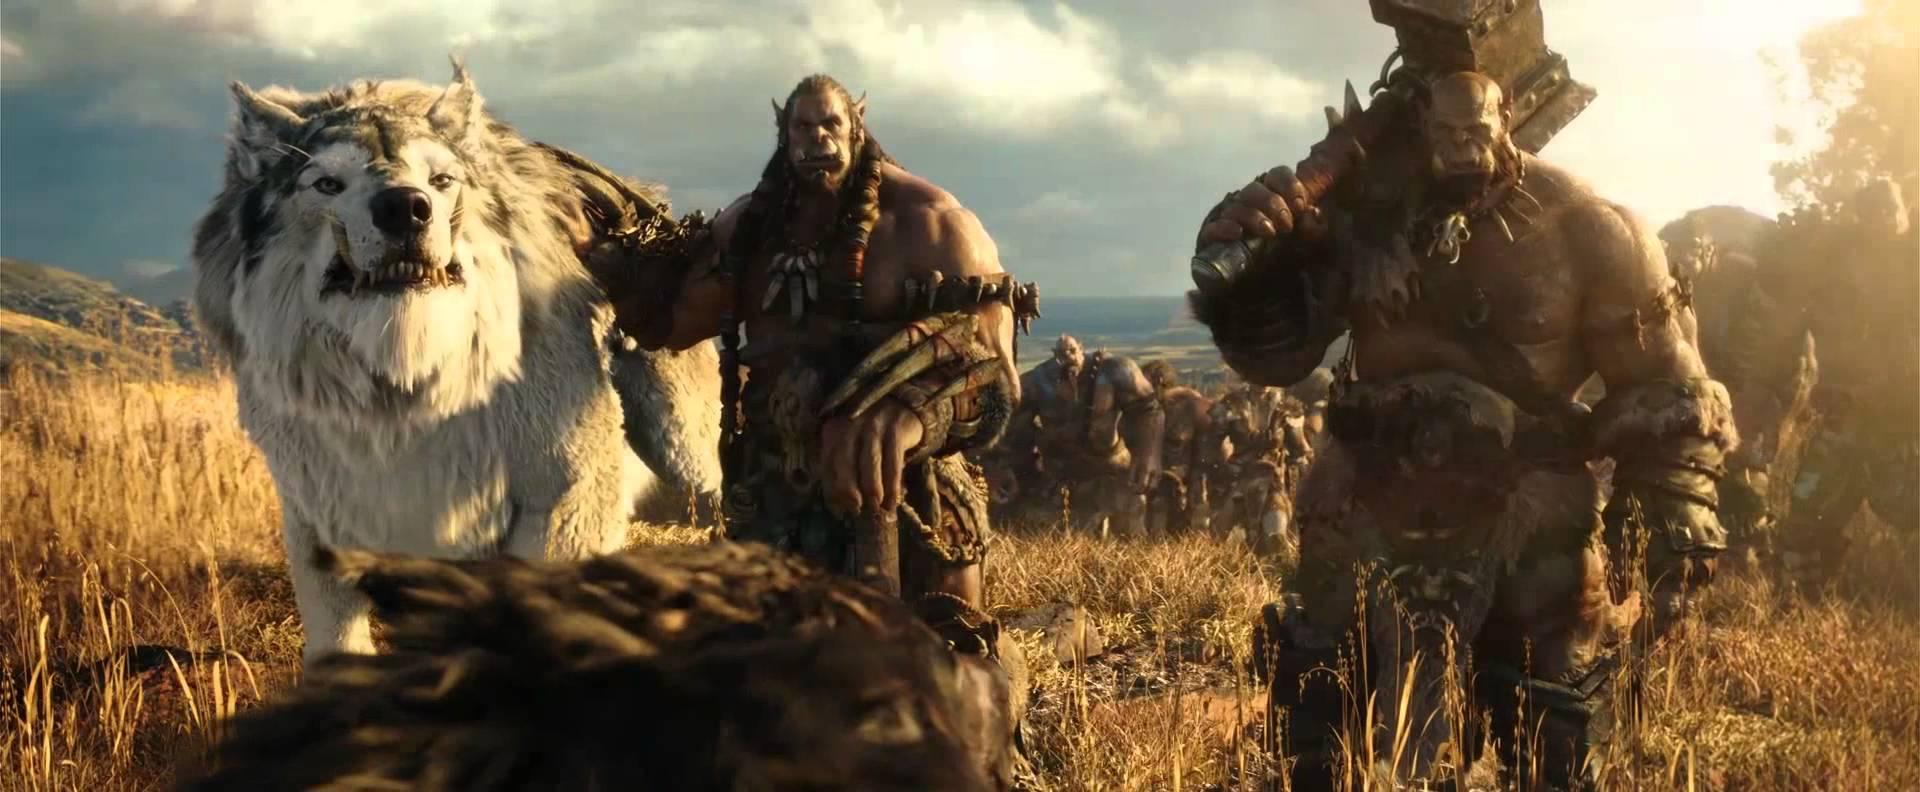 альянс или орда варкрафт тест отвратительные мужики warcraft disgusting men